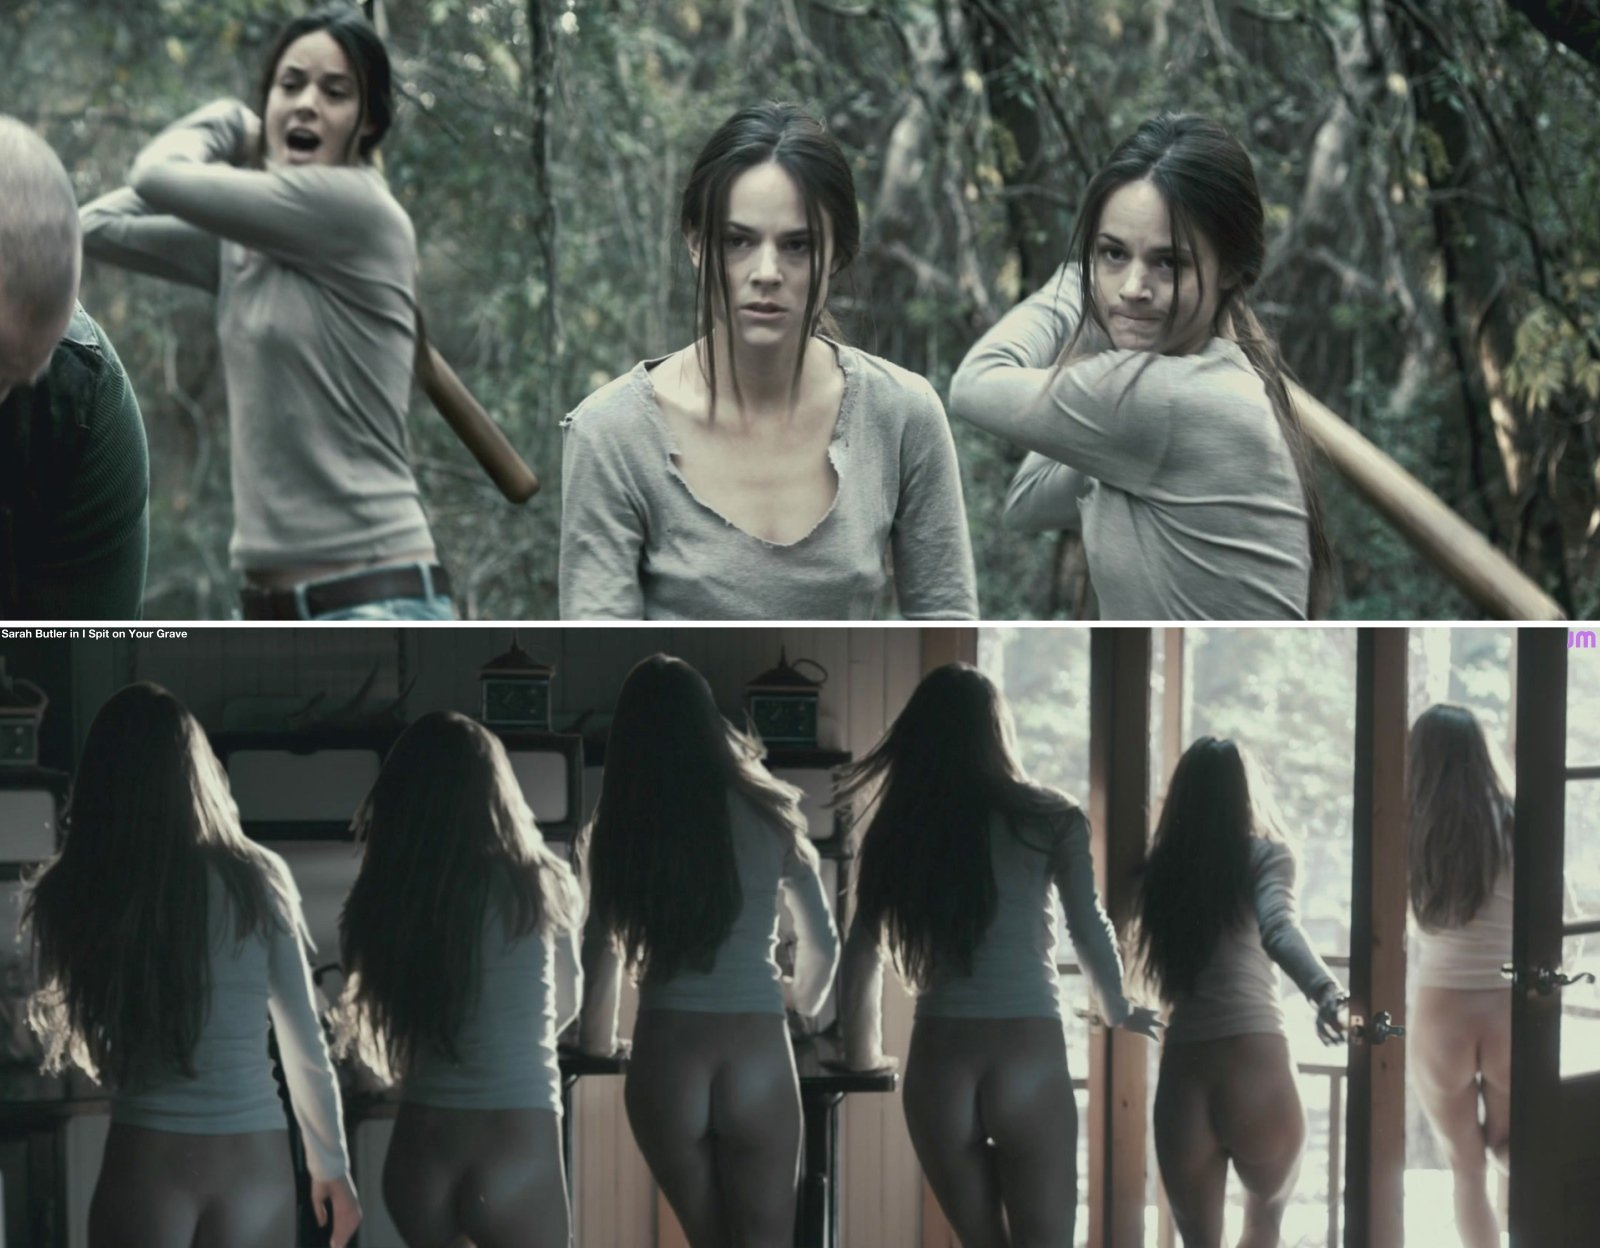 Sarah butler nude